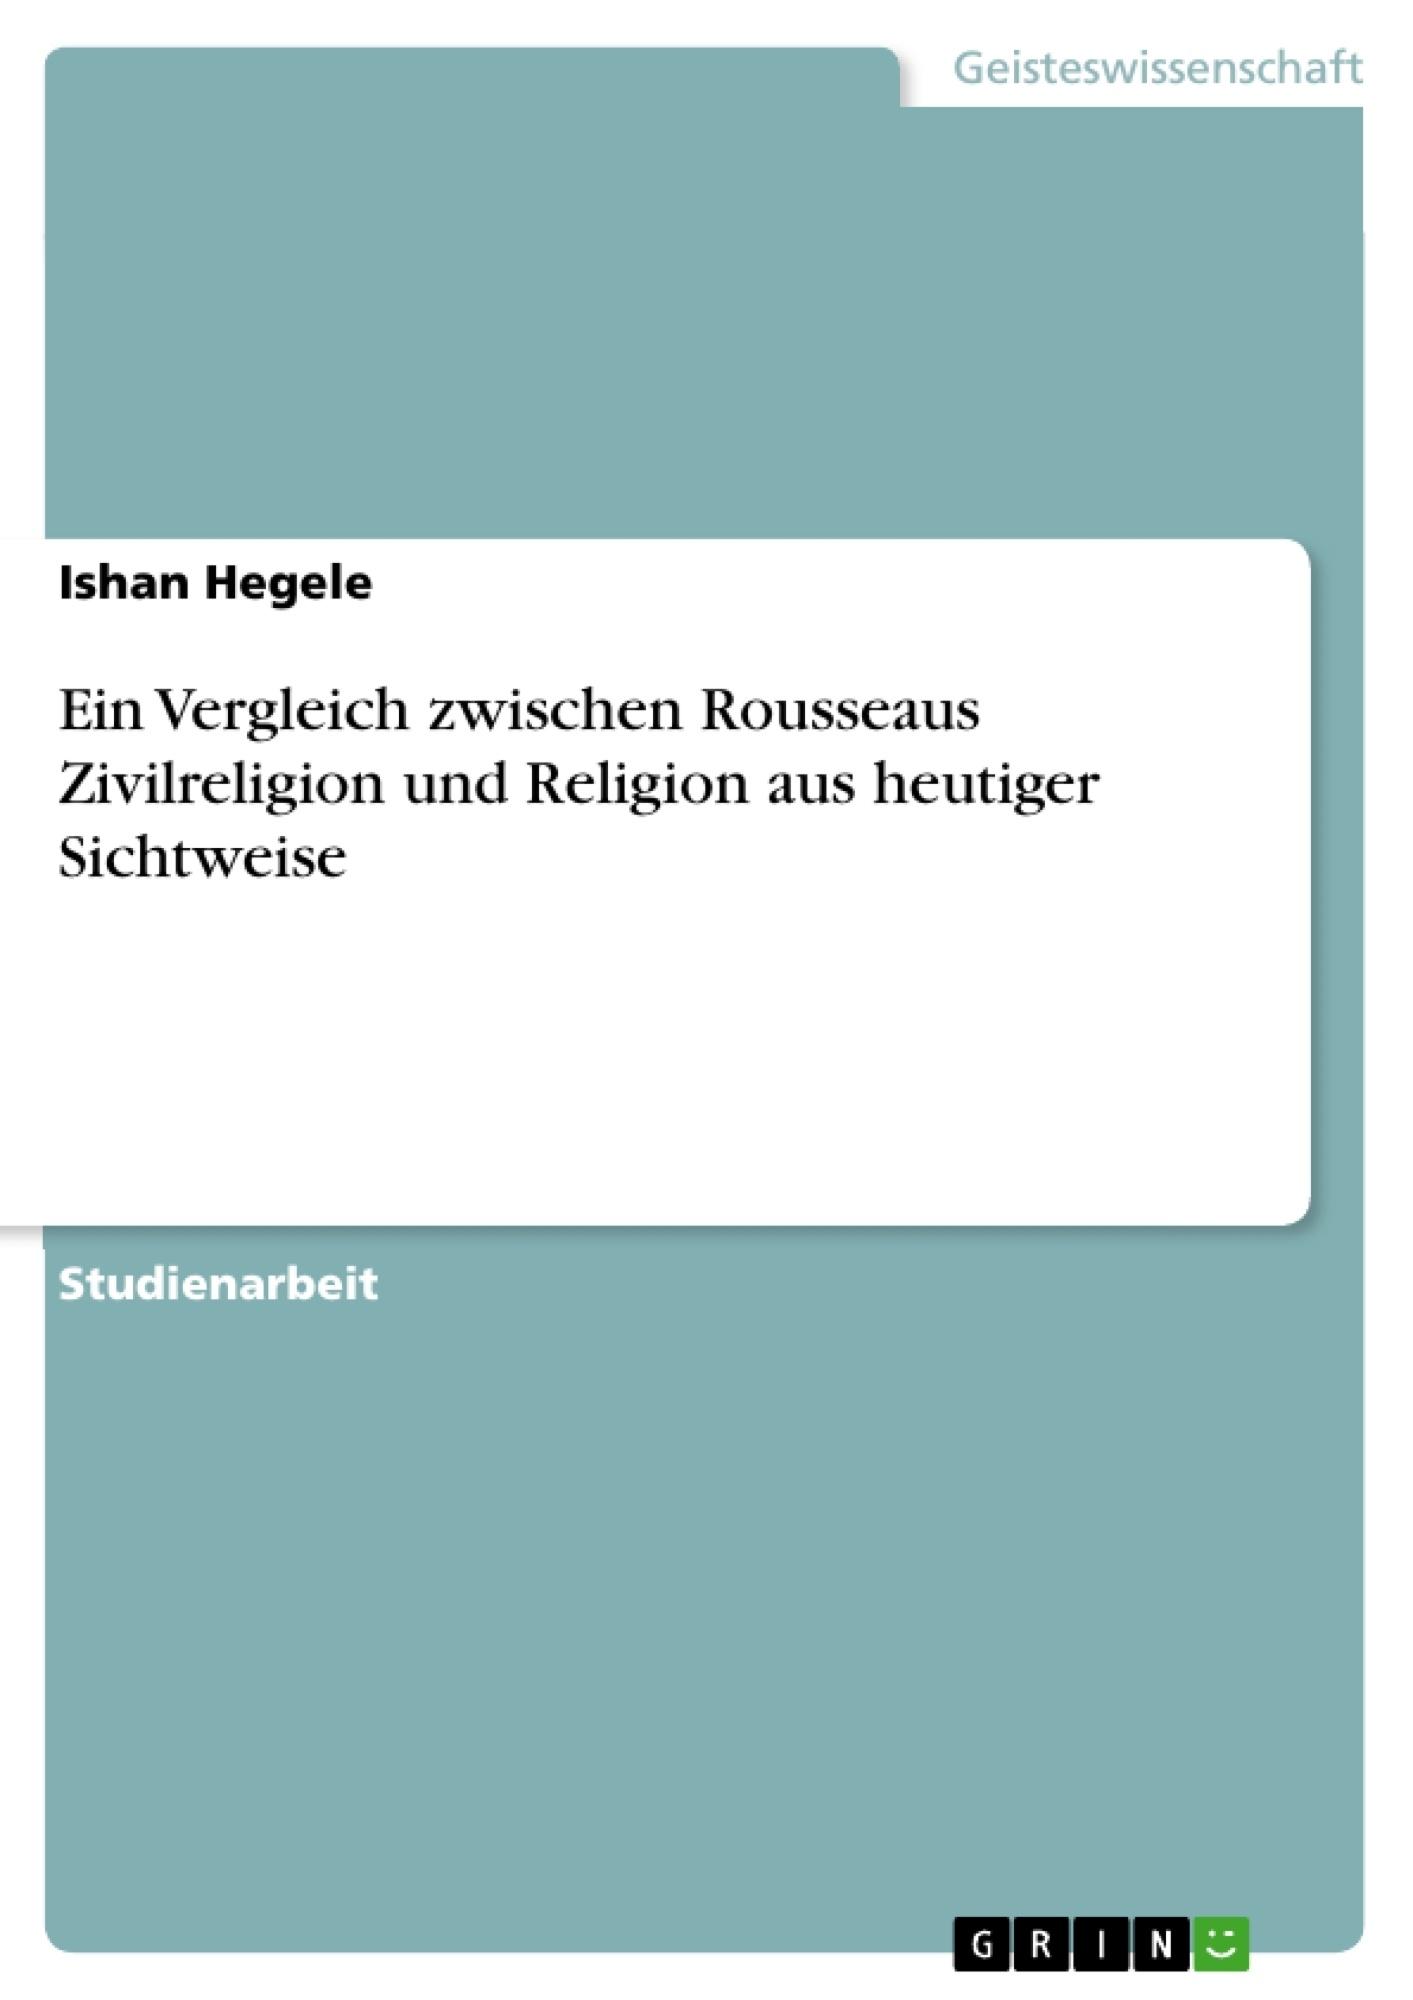 Titel: Ein Vergleich zwischen Rousseaus Zivilreligion und Religion aus heutiger Sichtweise